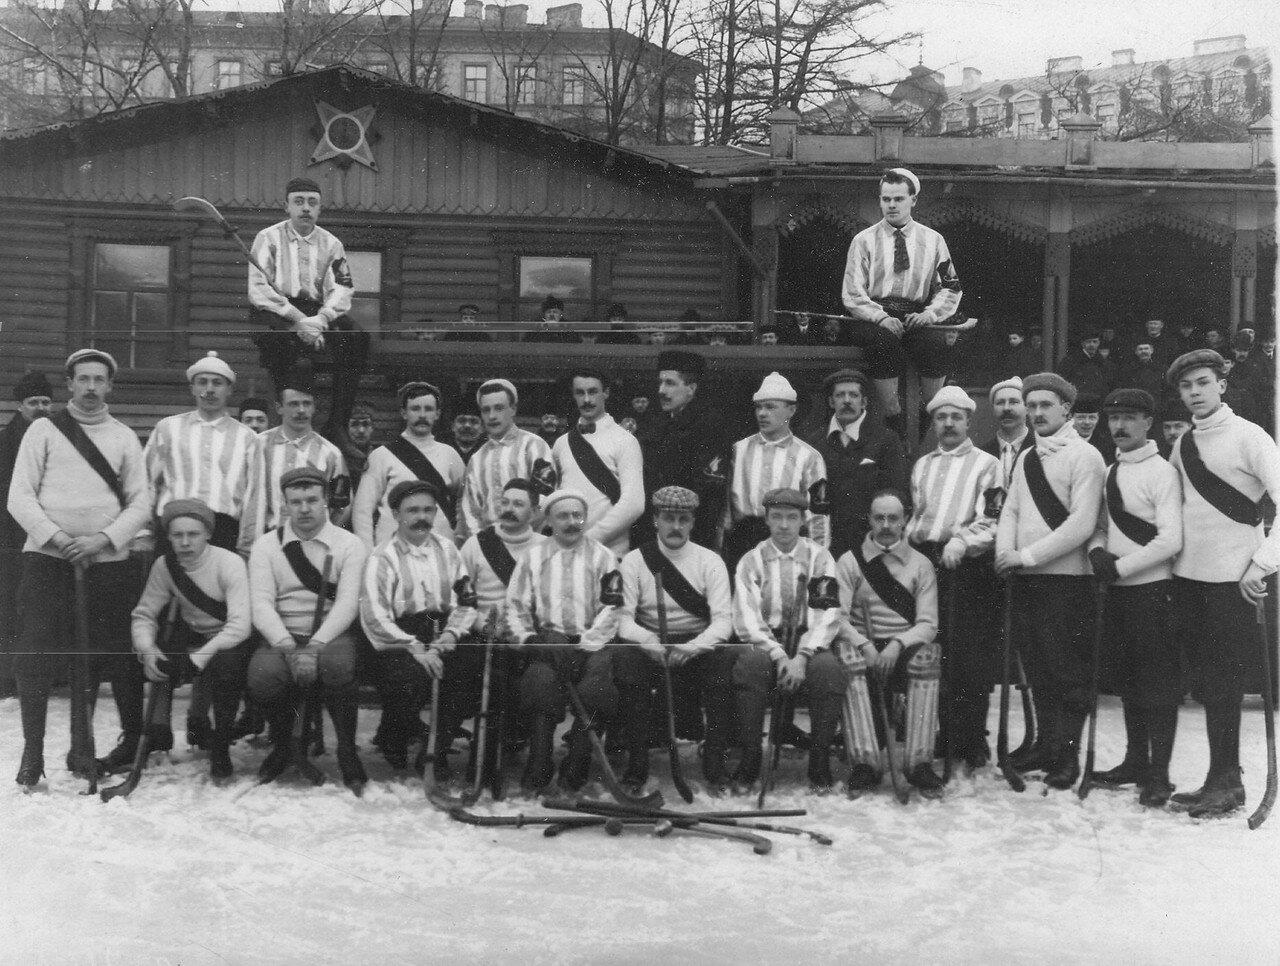 24. Члены хоккейных команд Общества любителей бега на коньках и Общества Унион в Юсуповом саду. 1913-1914